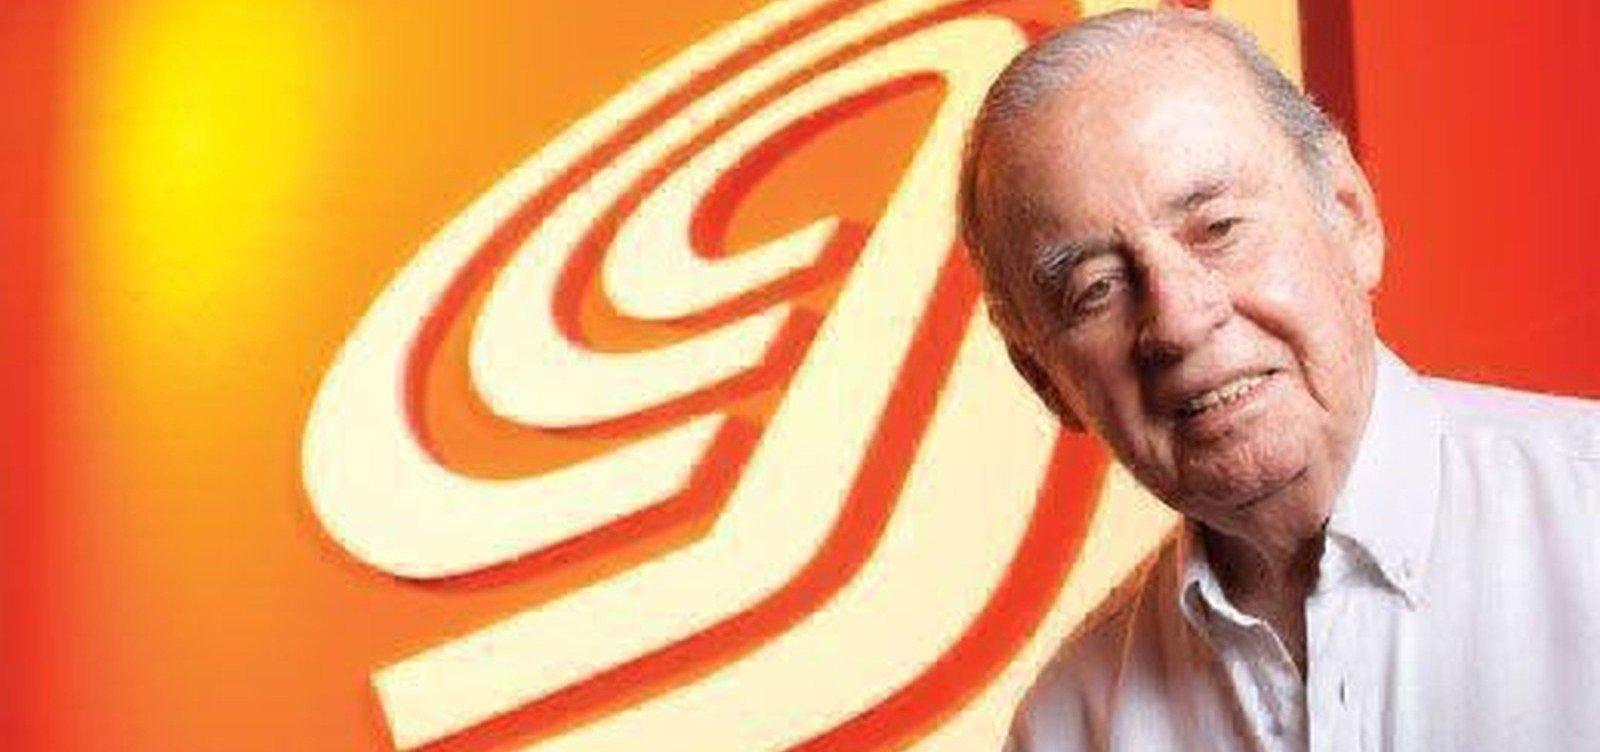 [Aos 96 anos, morre o empresário Antônio de Queiroz Galvão]